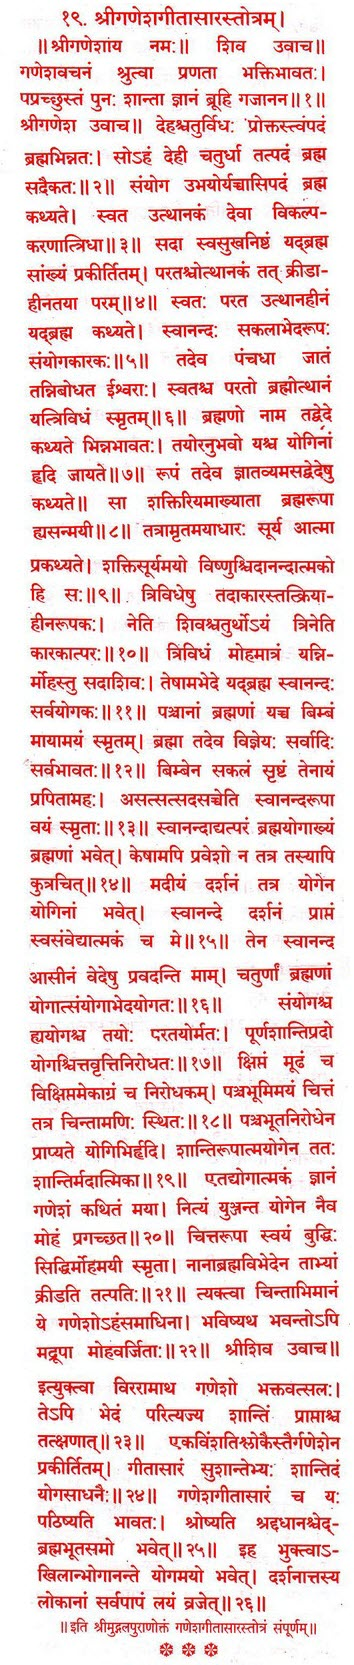 019 - Mugadal Puran Ganesh Geetasar Stotram